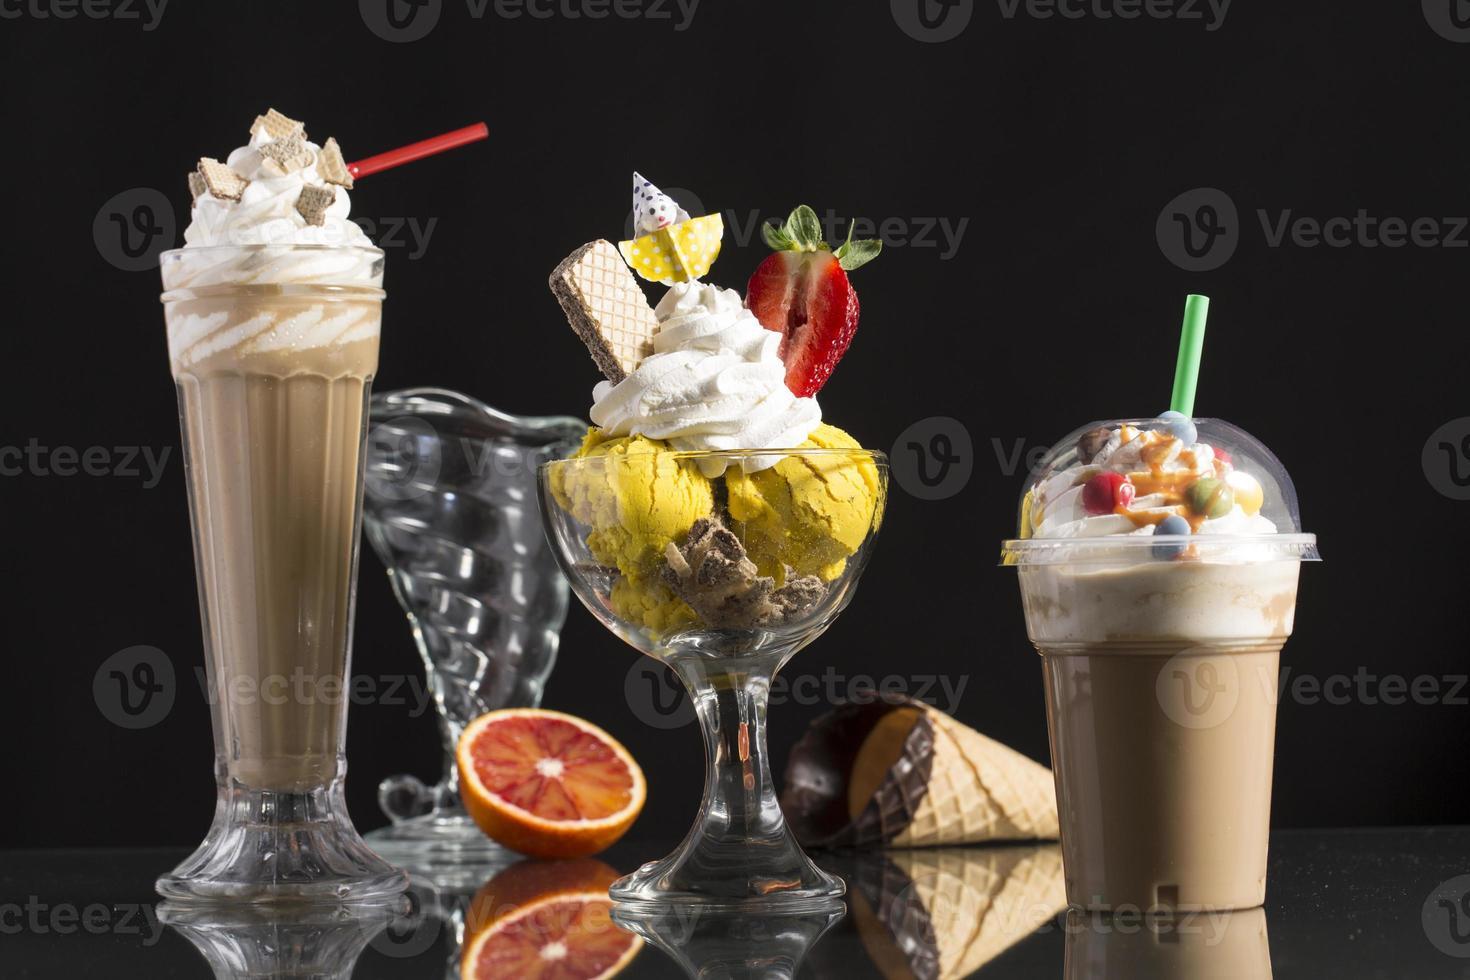 café de hielo y café de hielo para llevar, y una taza napolitana decorada foto